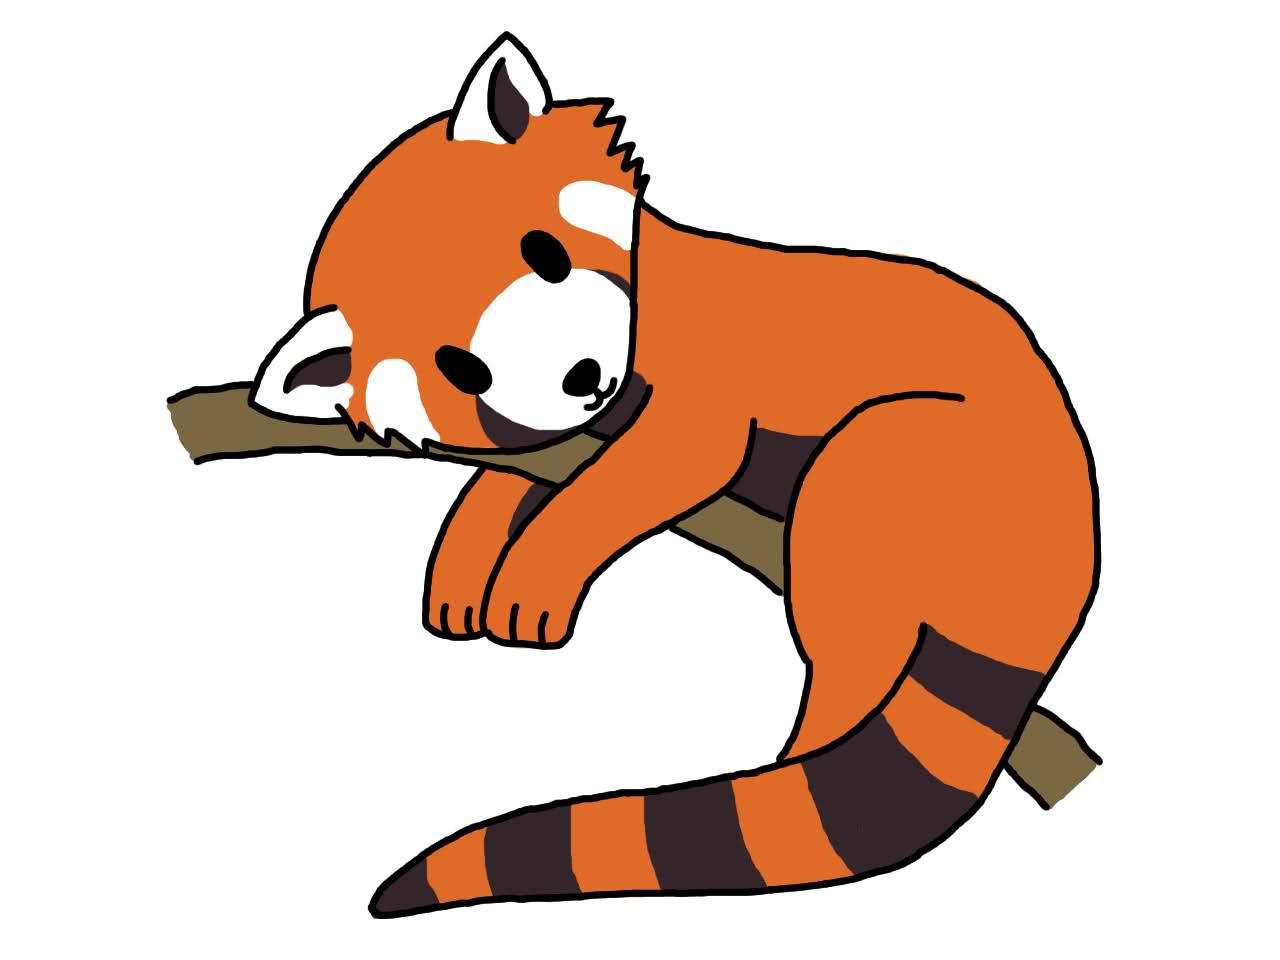 How To Draw A Chibi Panda.